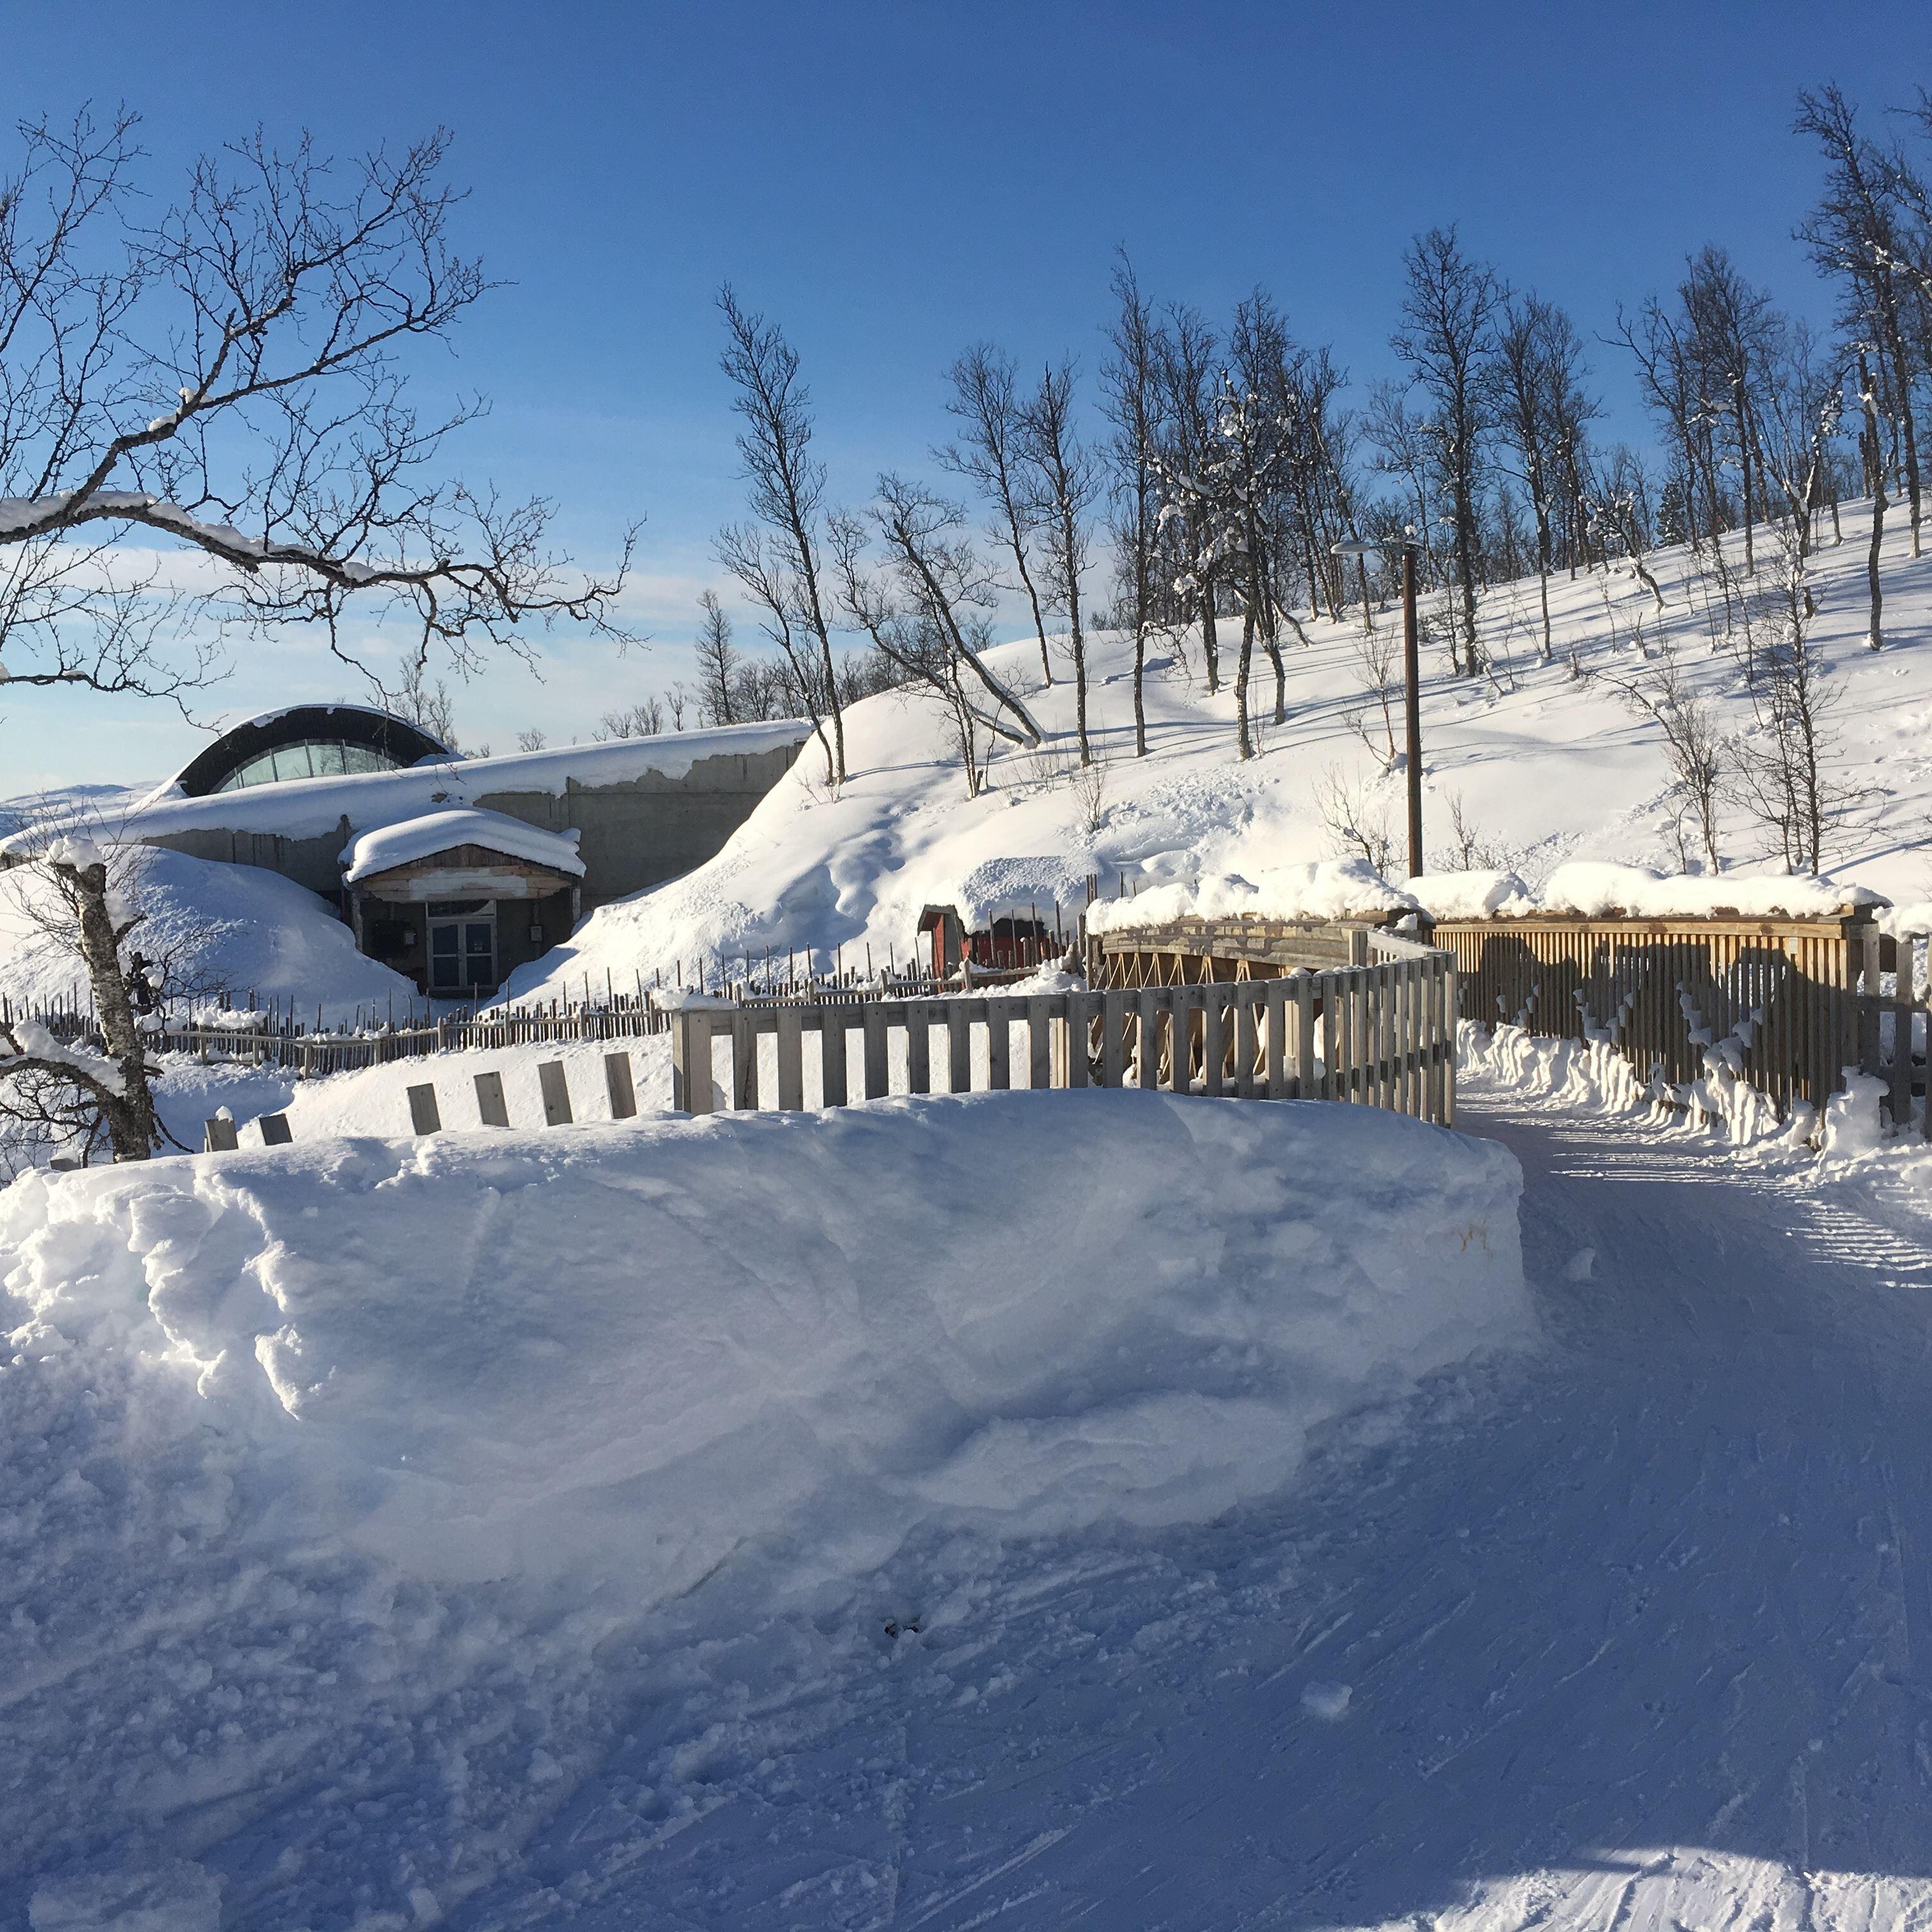 Snowman - Snowshoes with guide - Destination Snowman